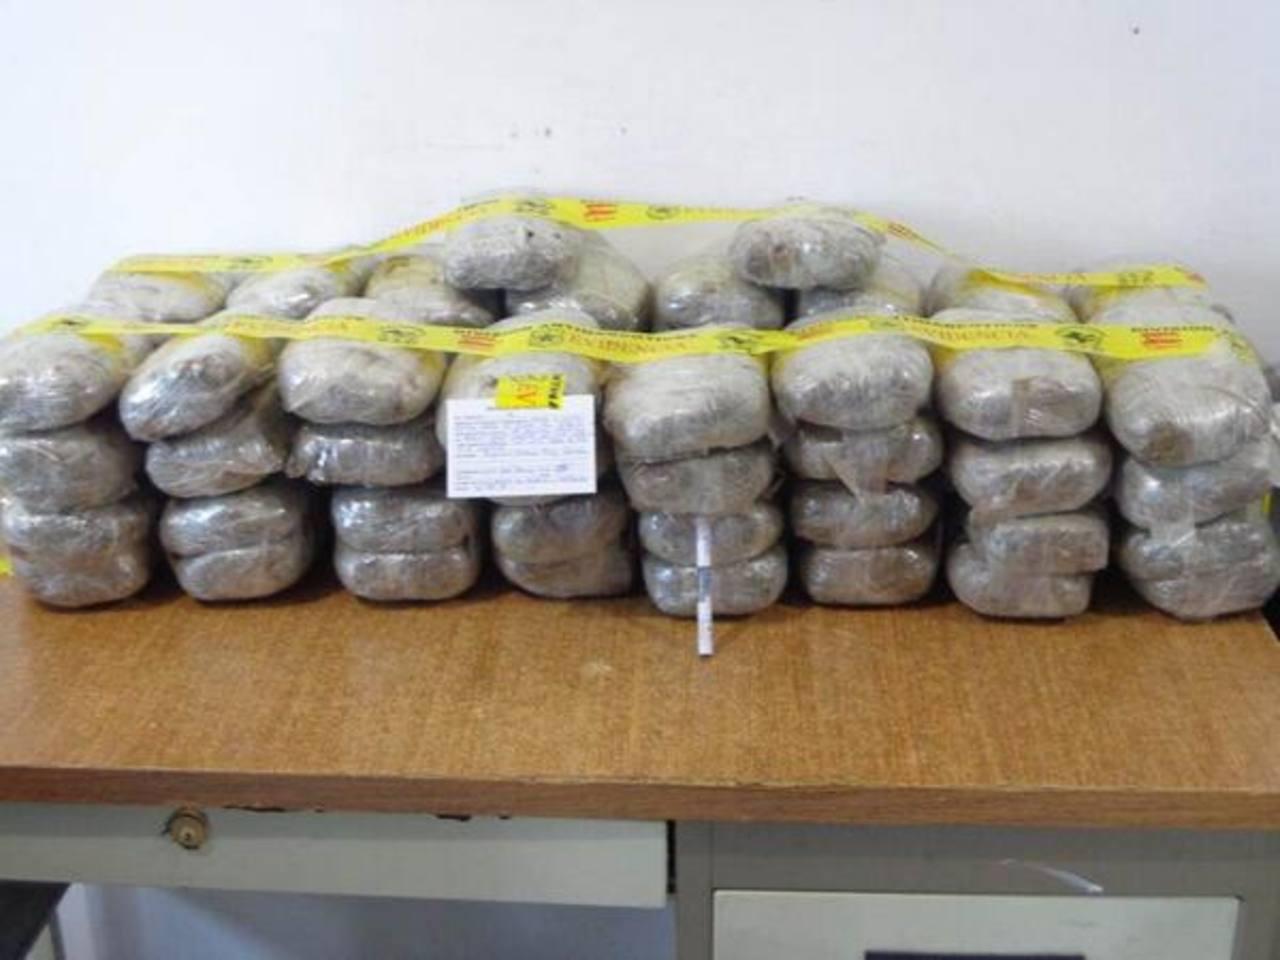 Los 70 libras de marihuana estaban distribuidos en 42 paquetes. Foto cortesía PNC